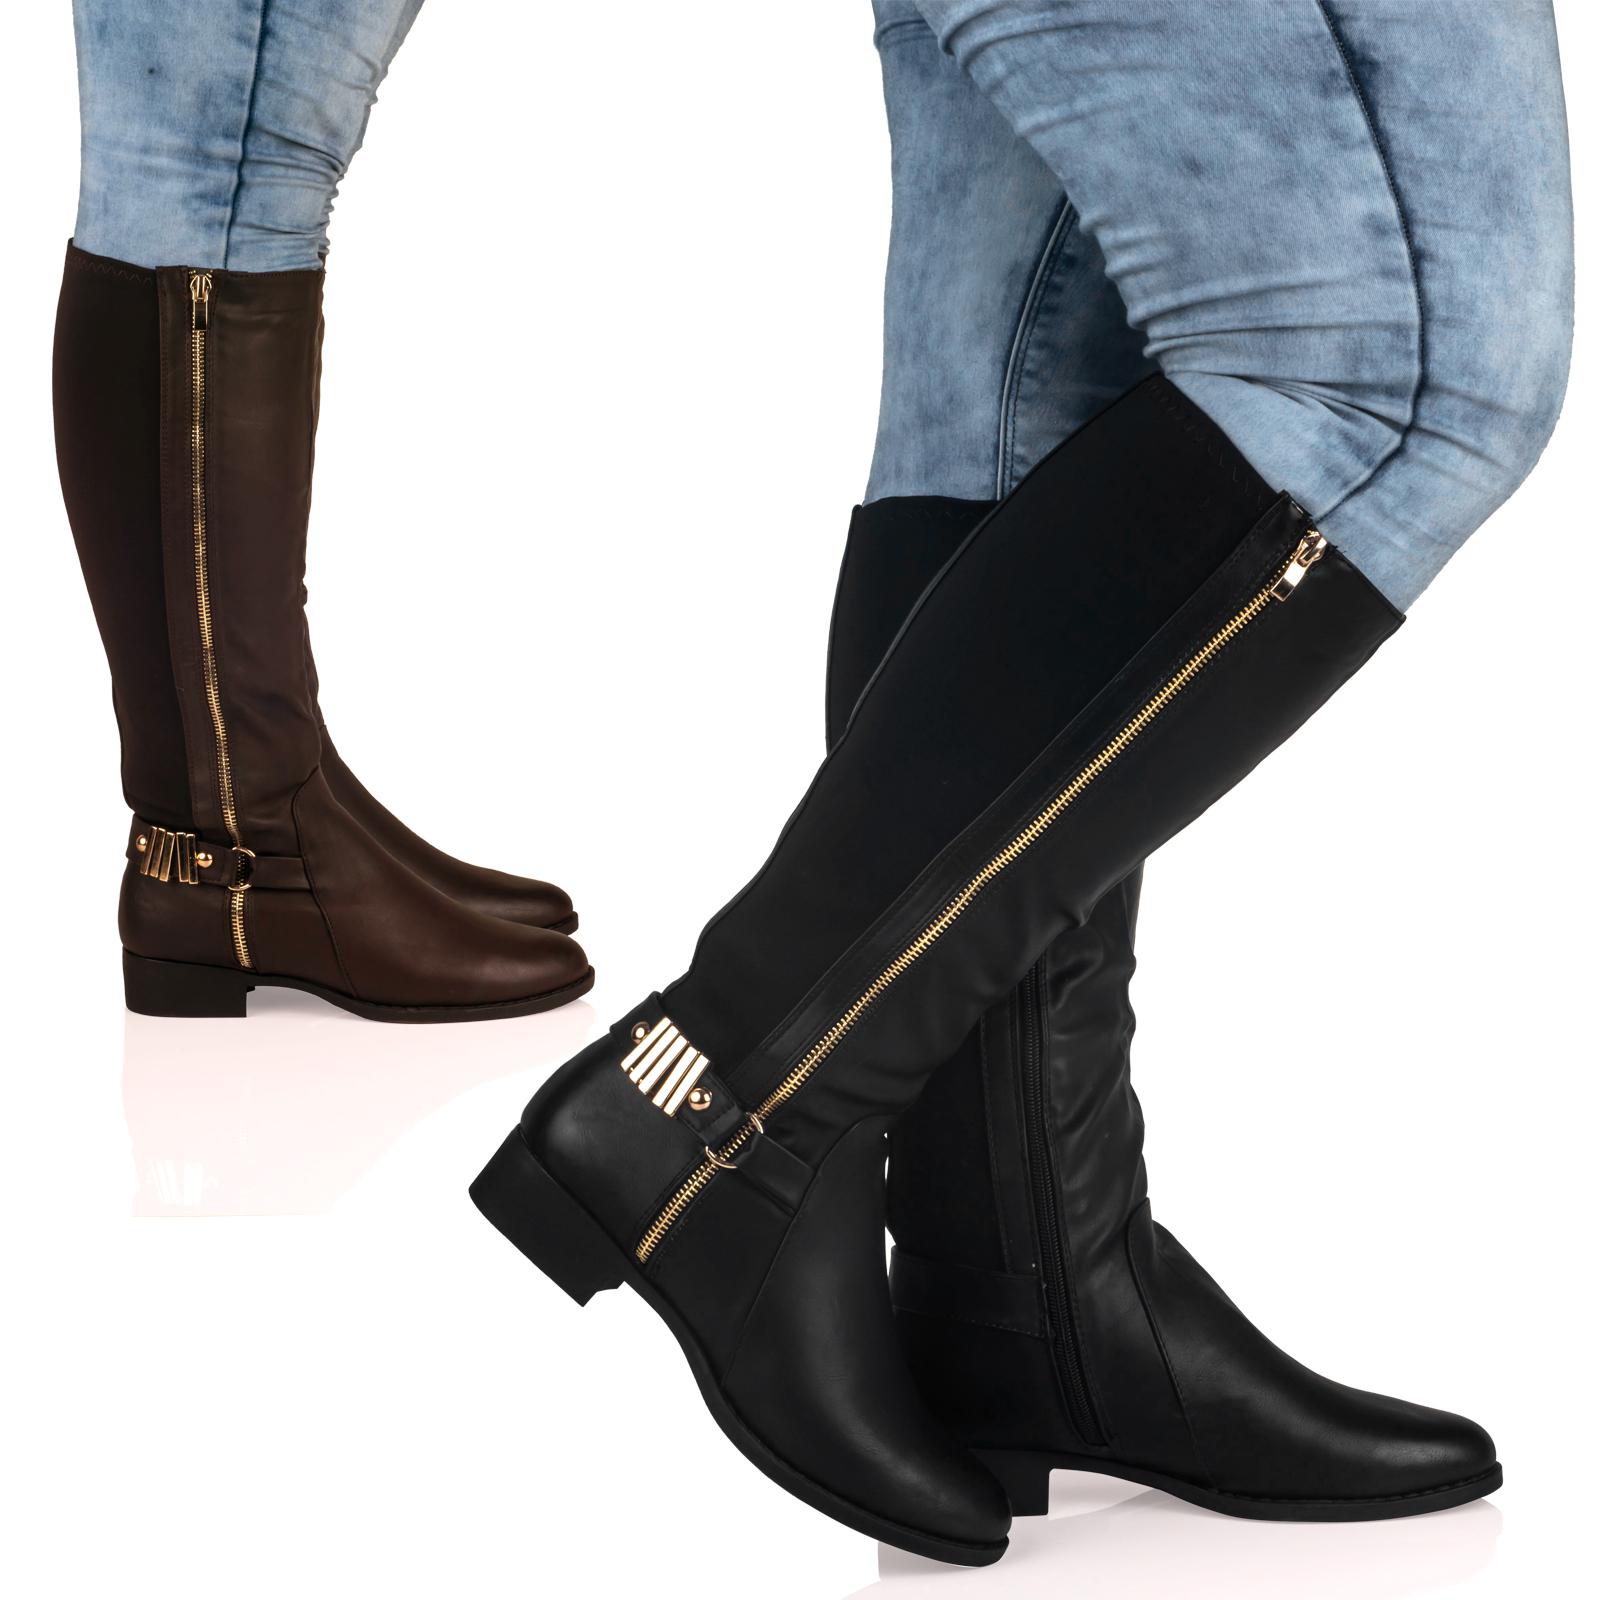 d8z knee high wide fit low block heel